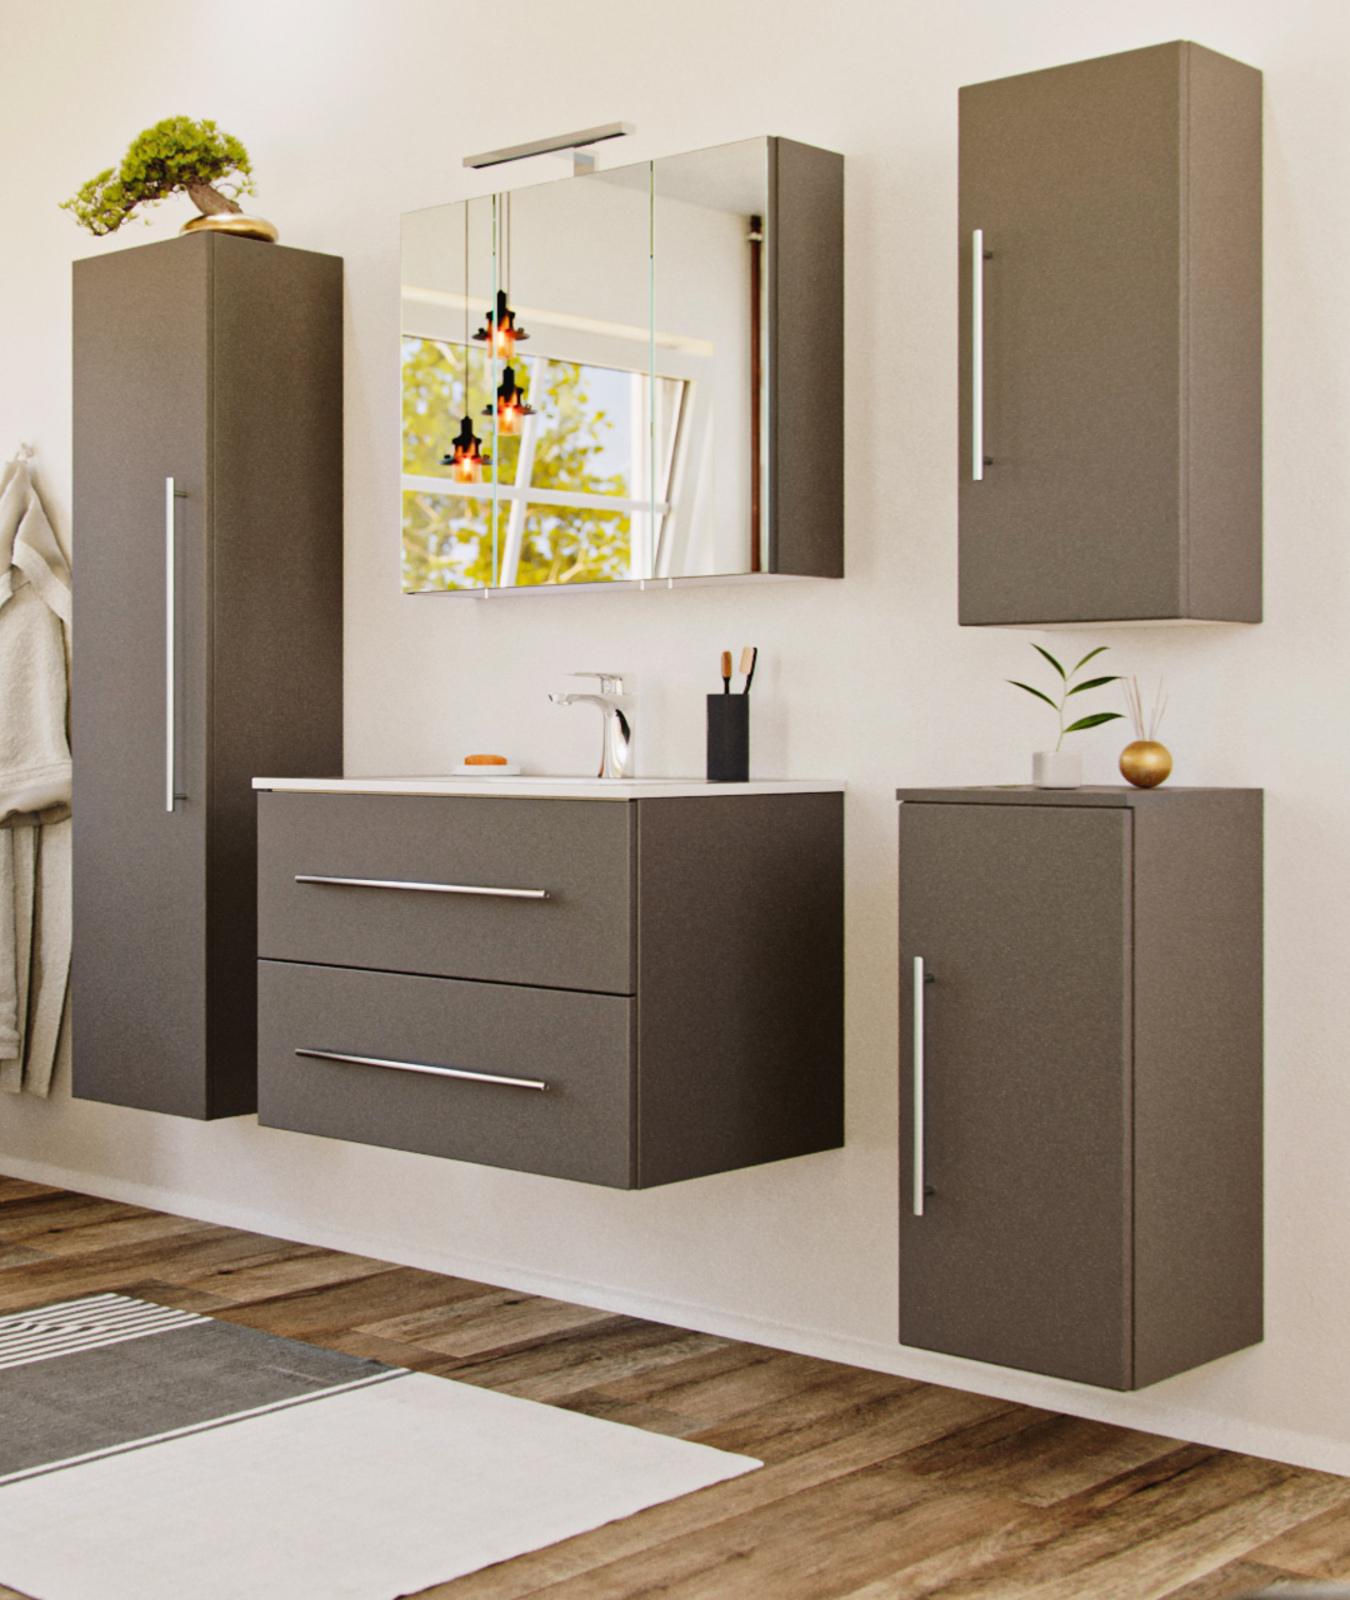 Design : eckschrank weiß wohnzimmer ~ Inspirierende Bilder ...